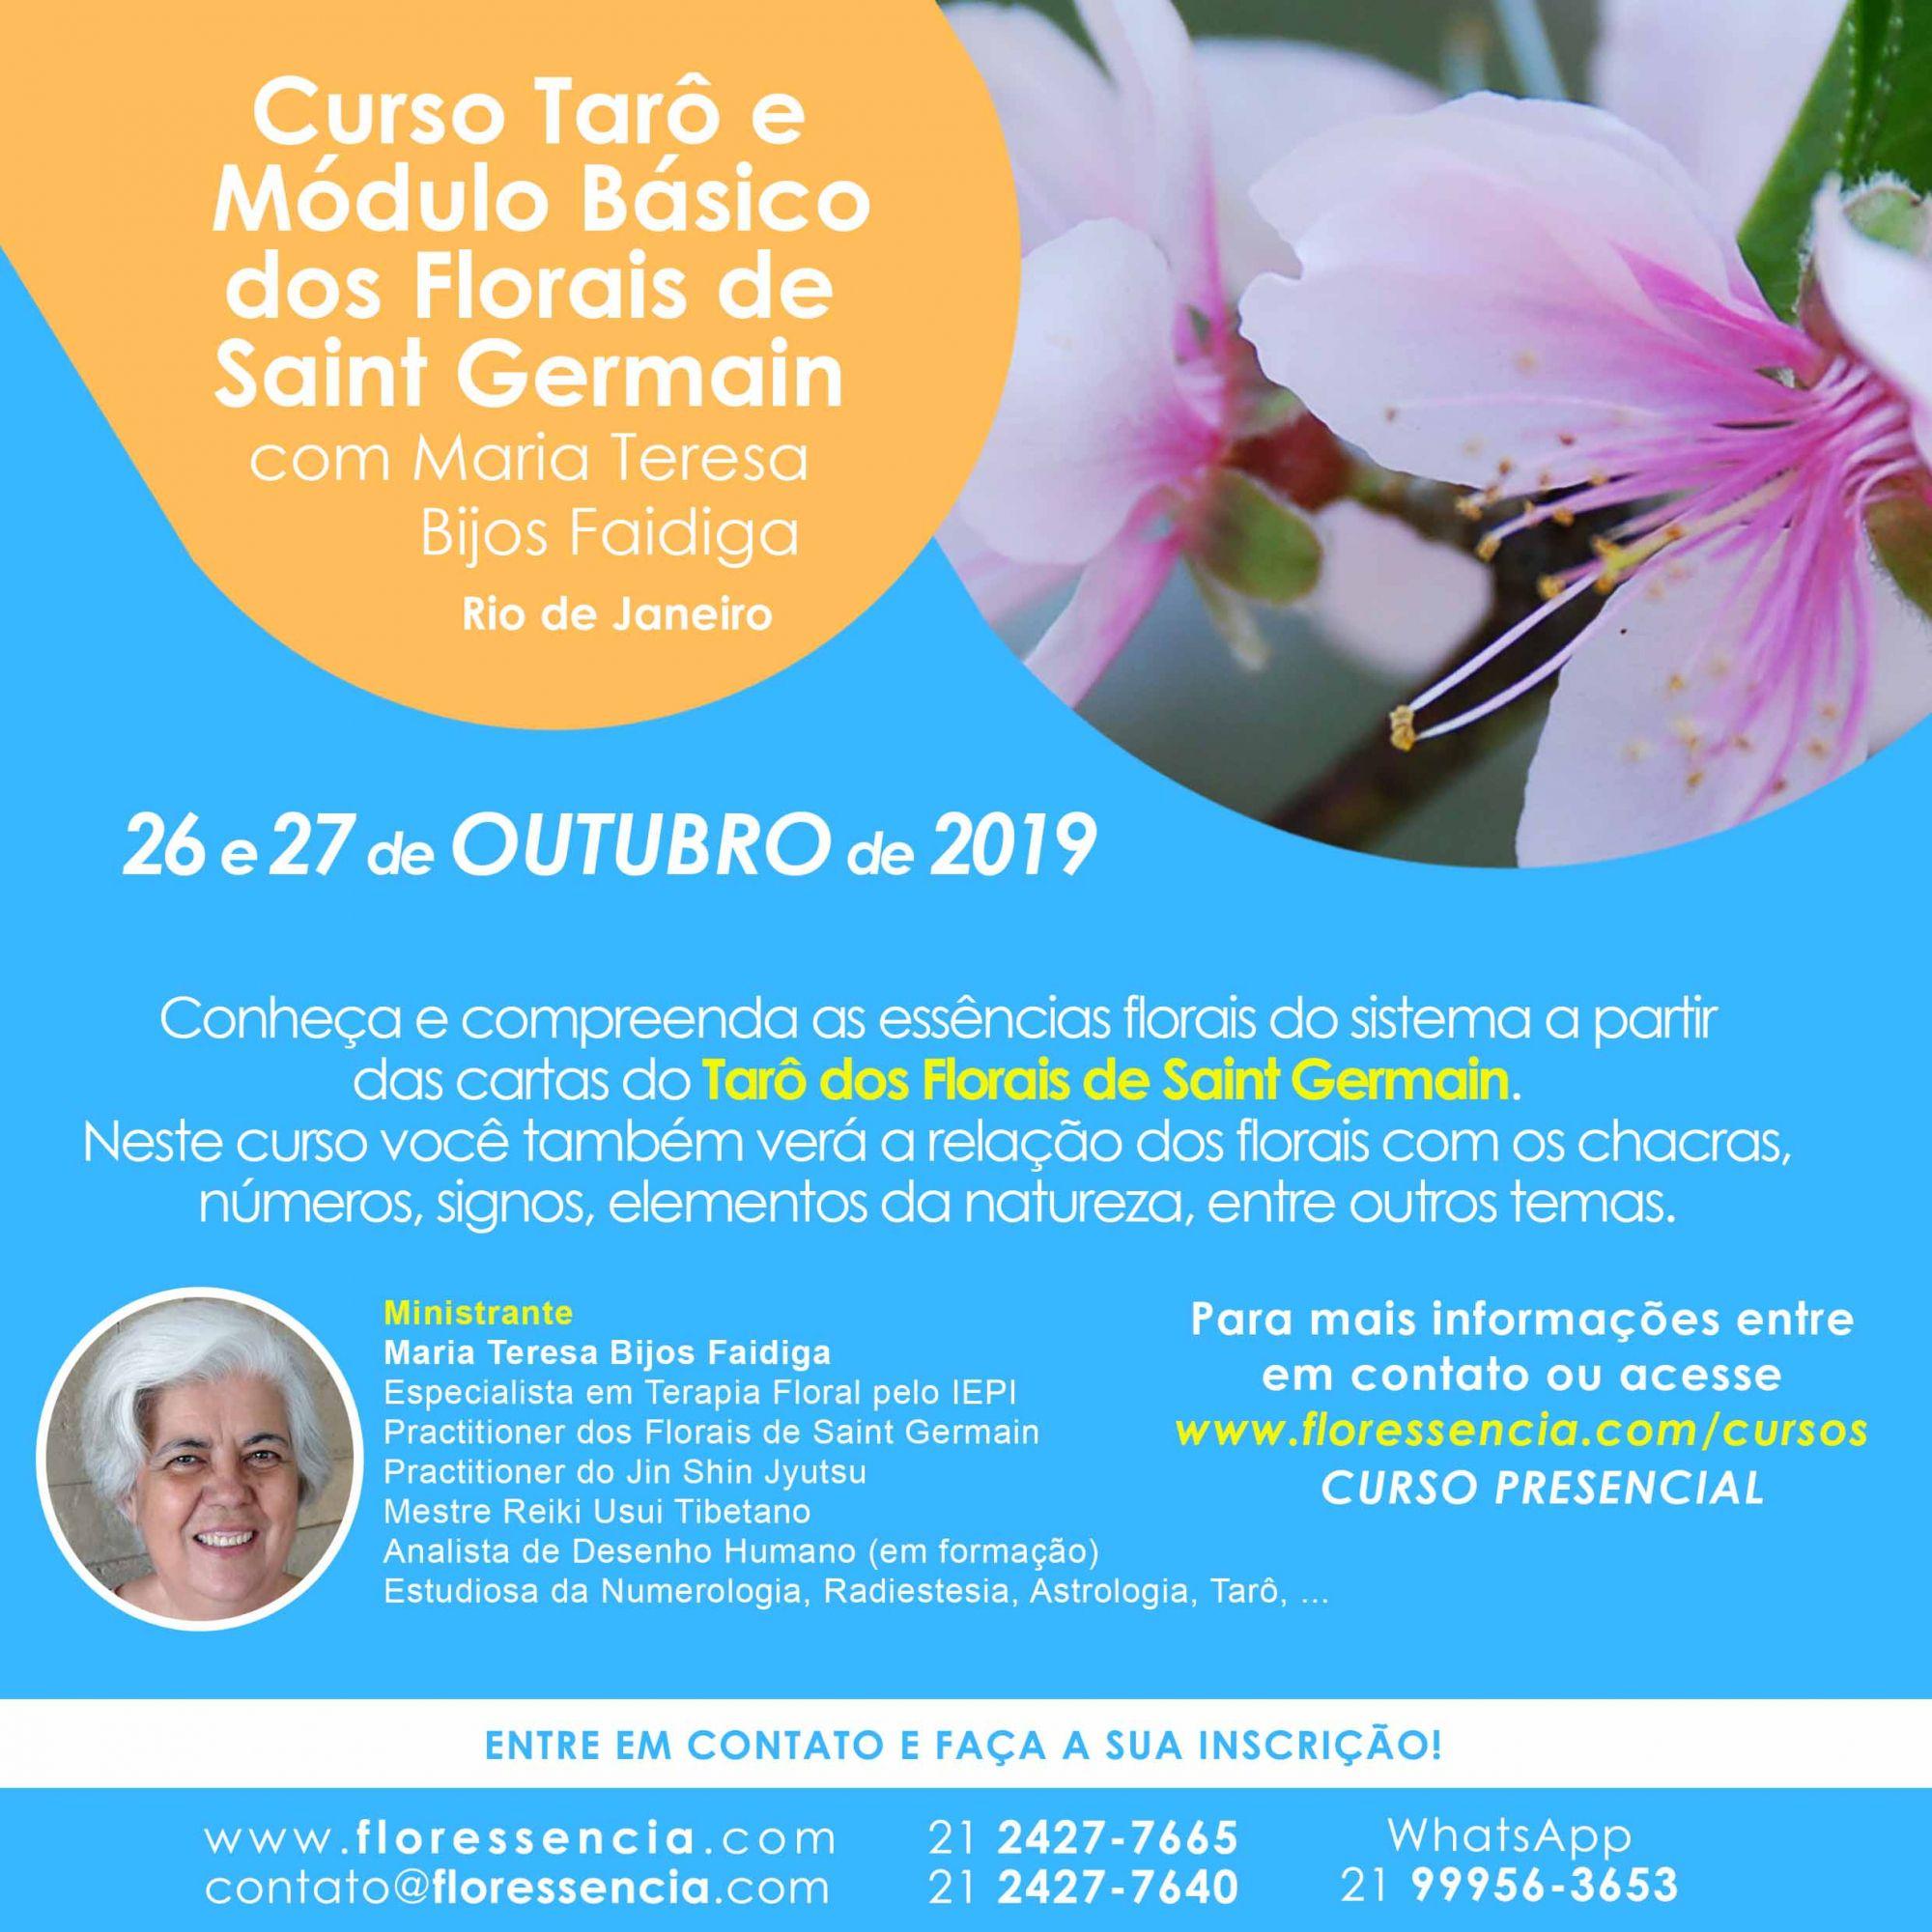 Curso PRESENCIAL TARÔ E MÓDULO BÁSICO DOS FLORAIS DE SAINT GERMAIN com Maria Teresa Bijos Faidiga  - Floressência